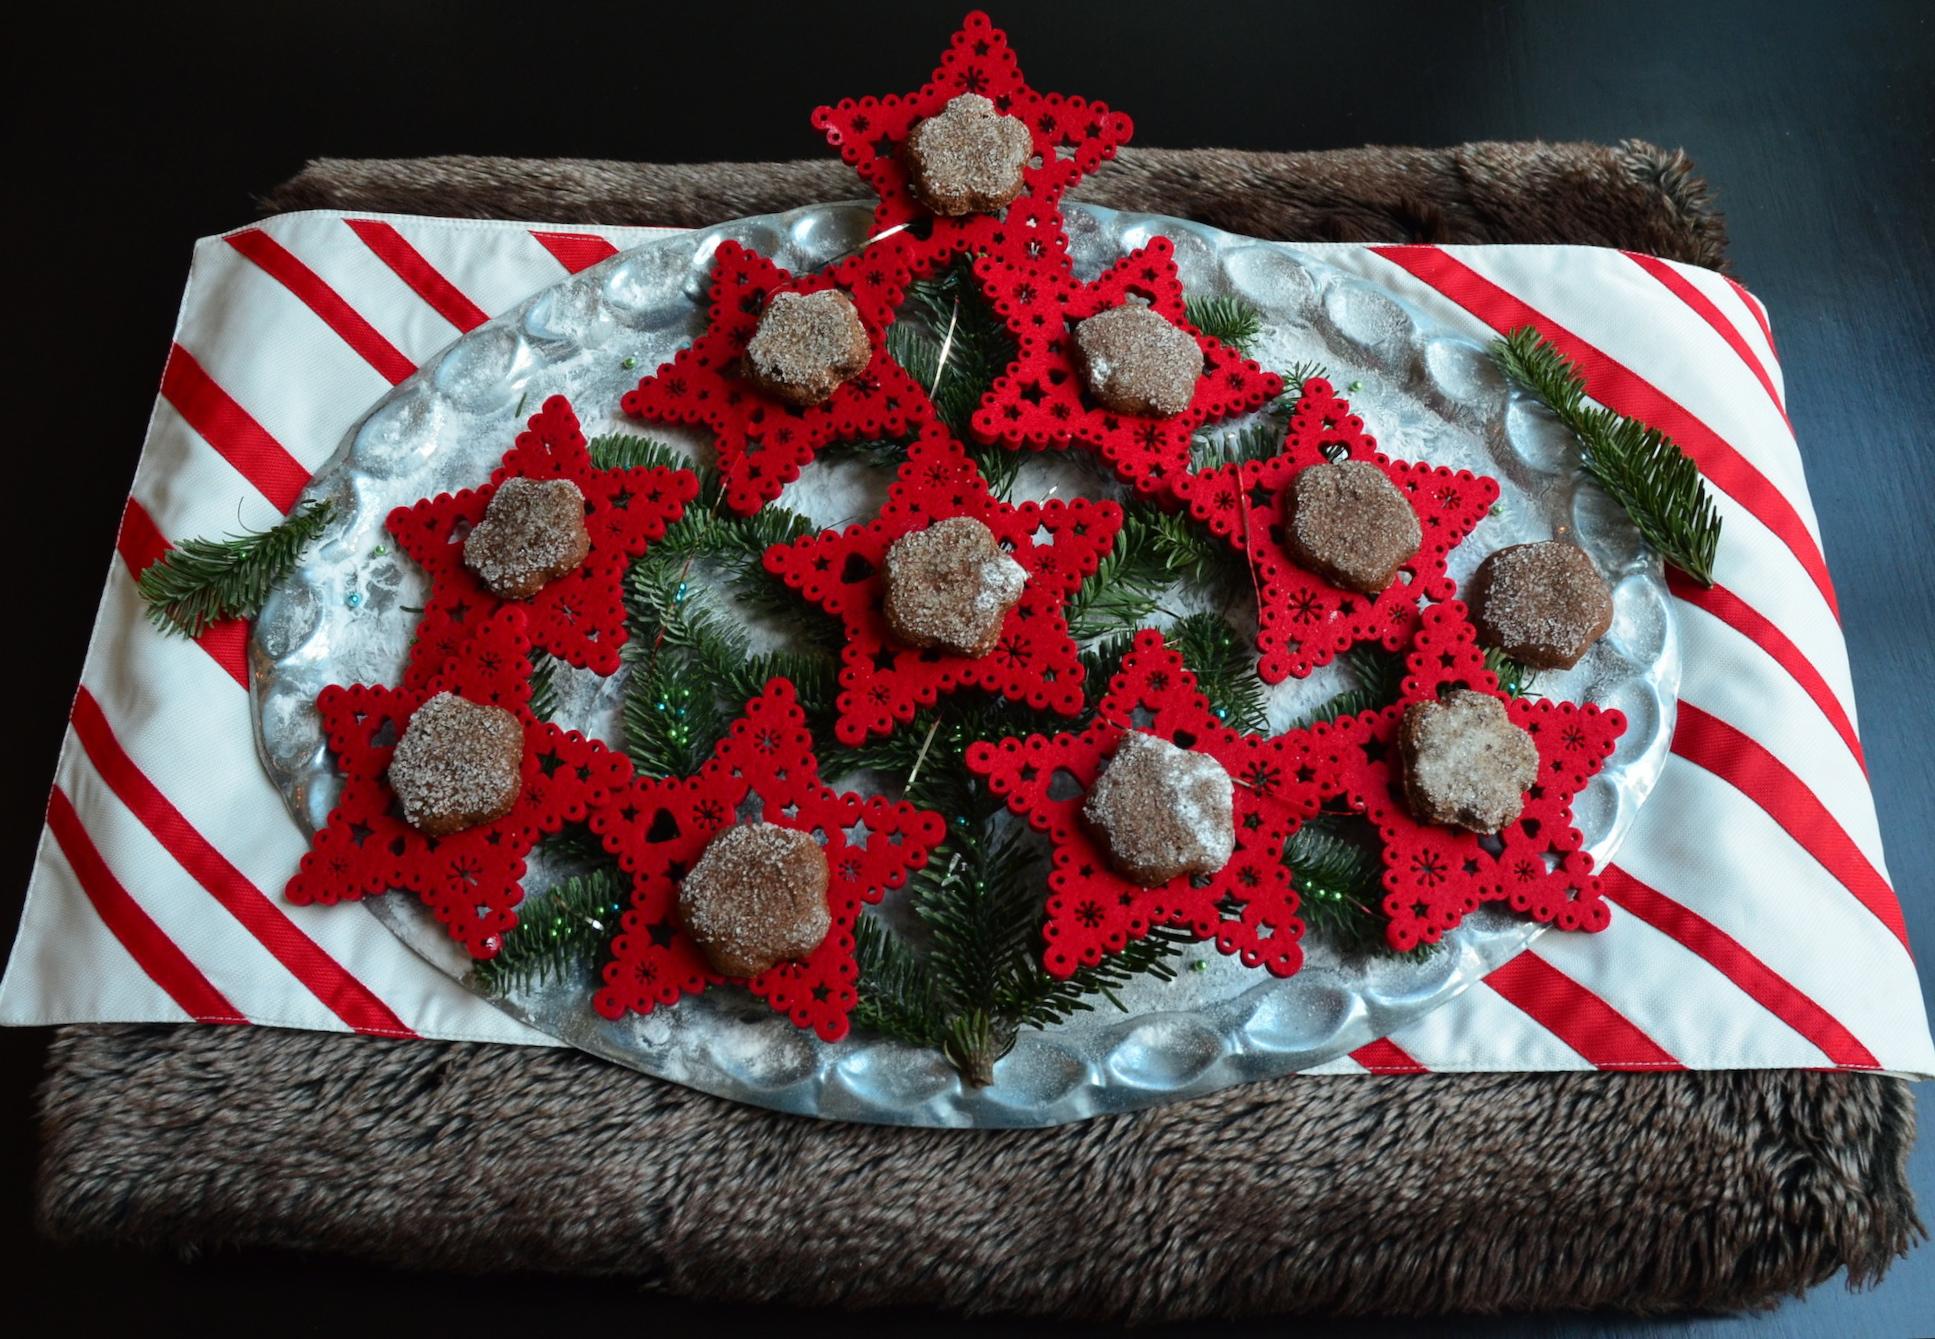 Basler Brunsli From Switzerland Cookie Companion